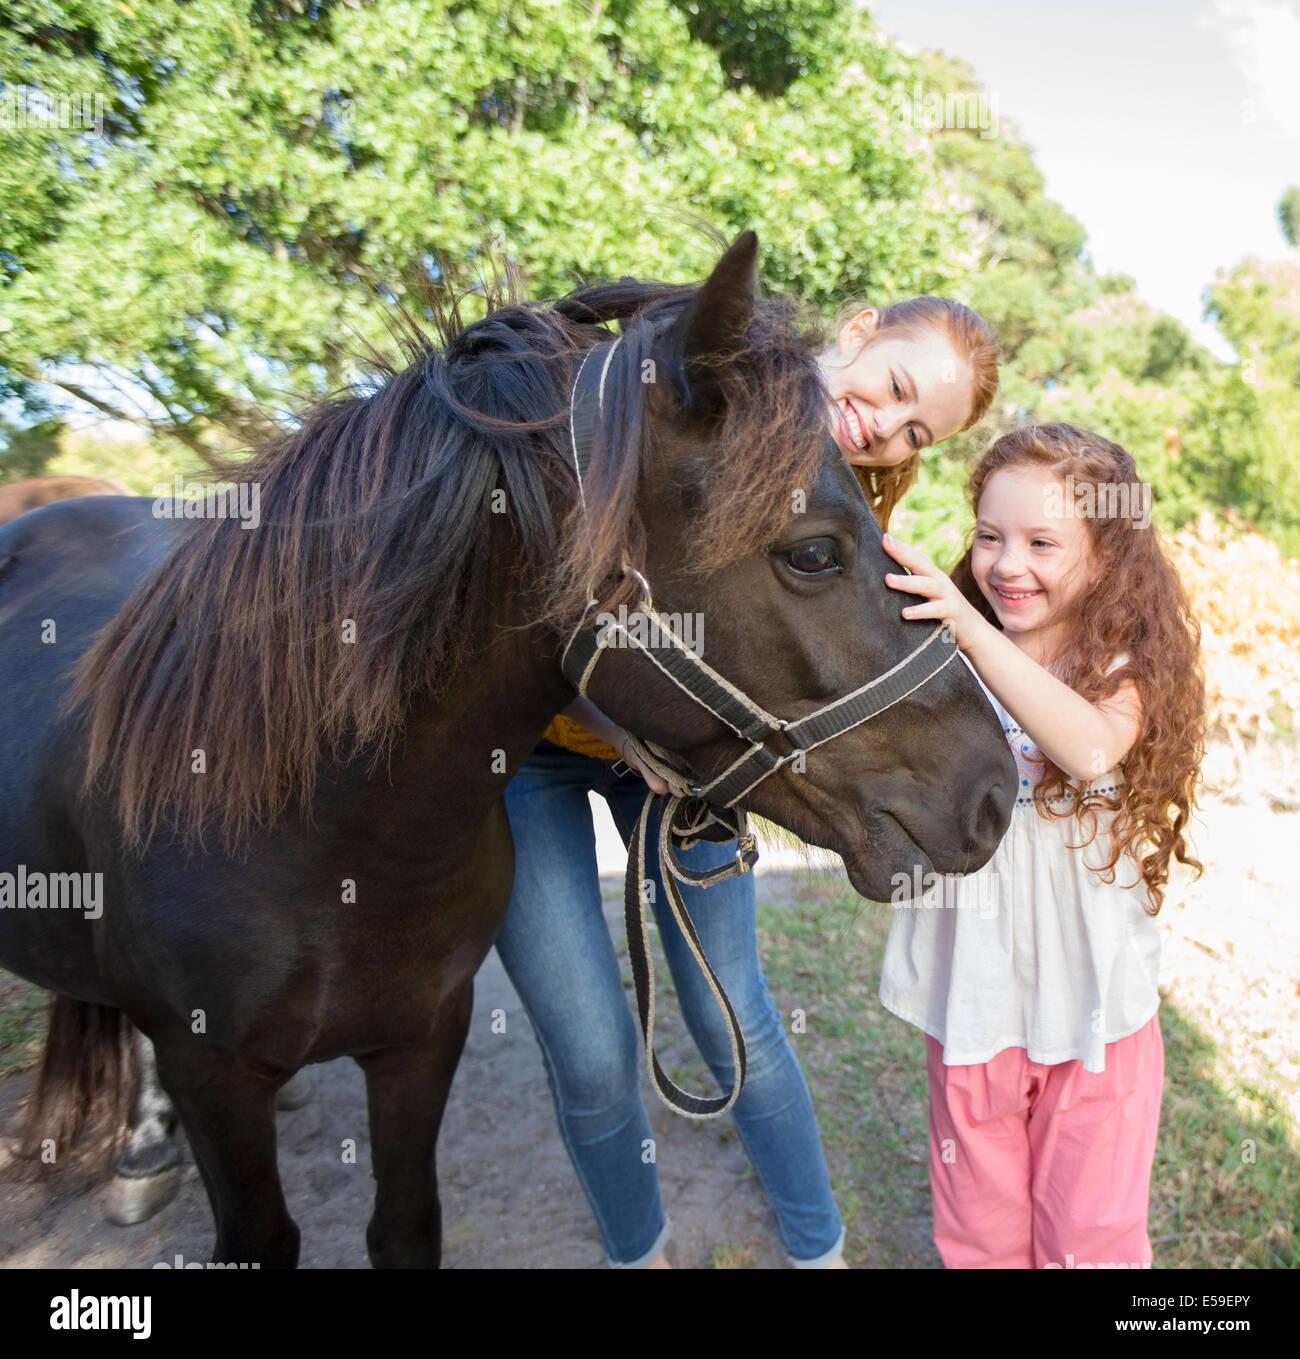 Mère et fille petting horse en plein air Photo Stock